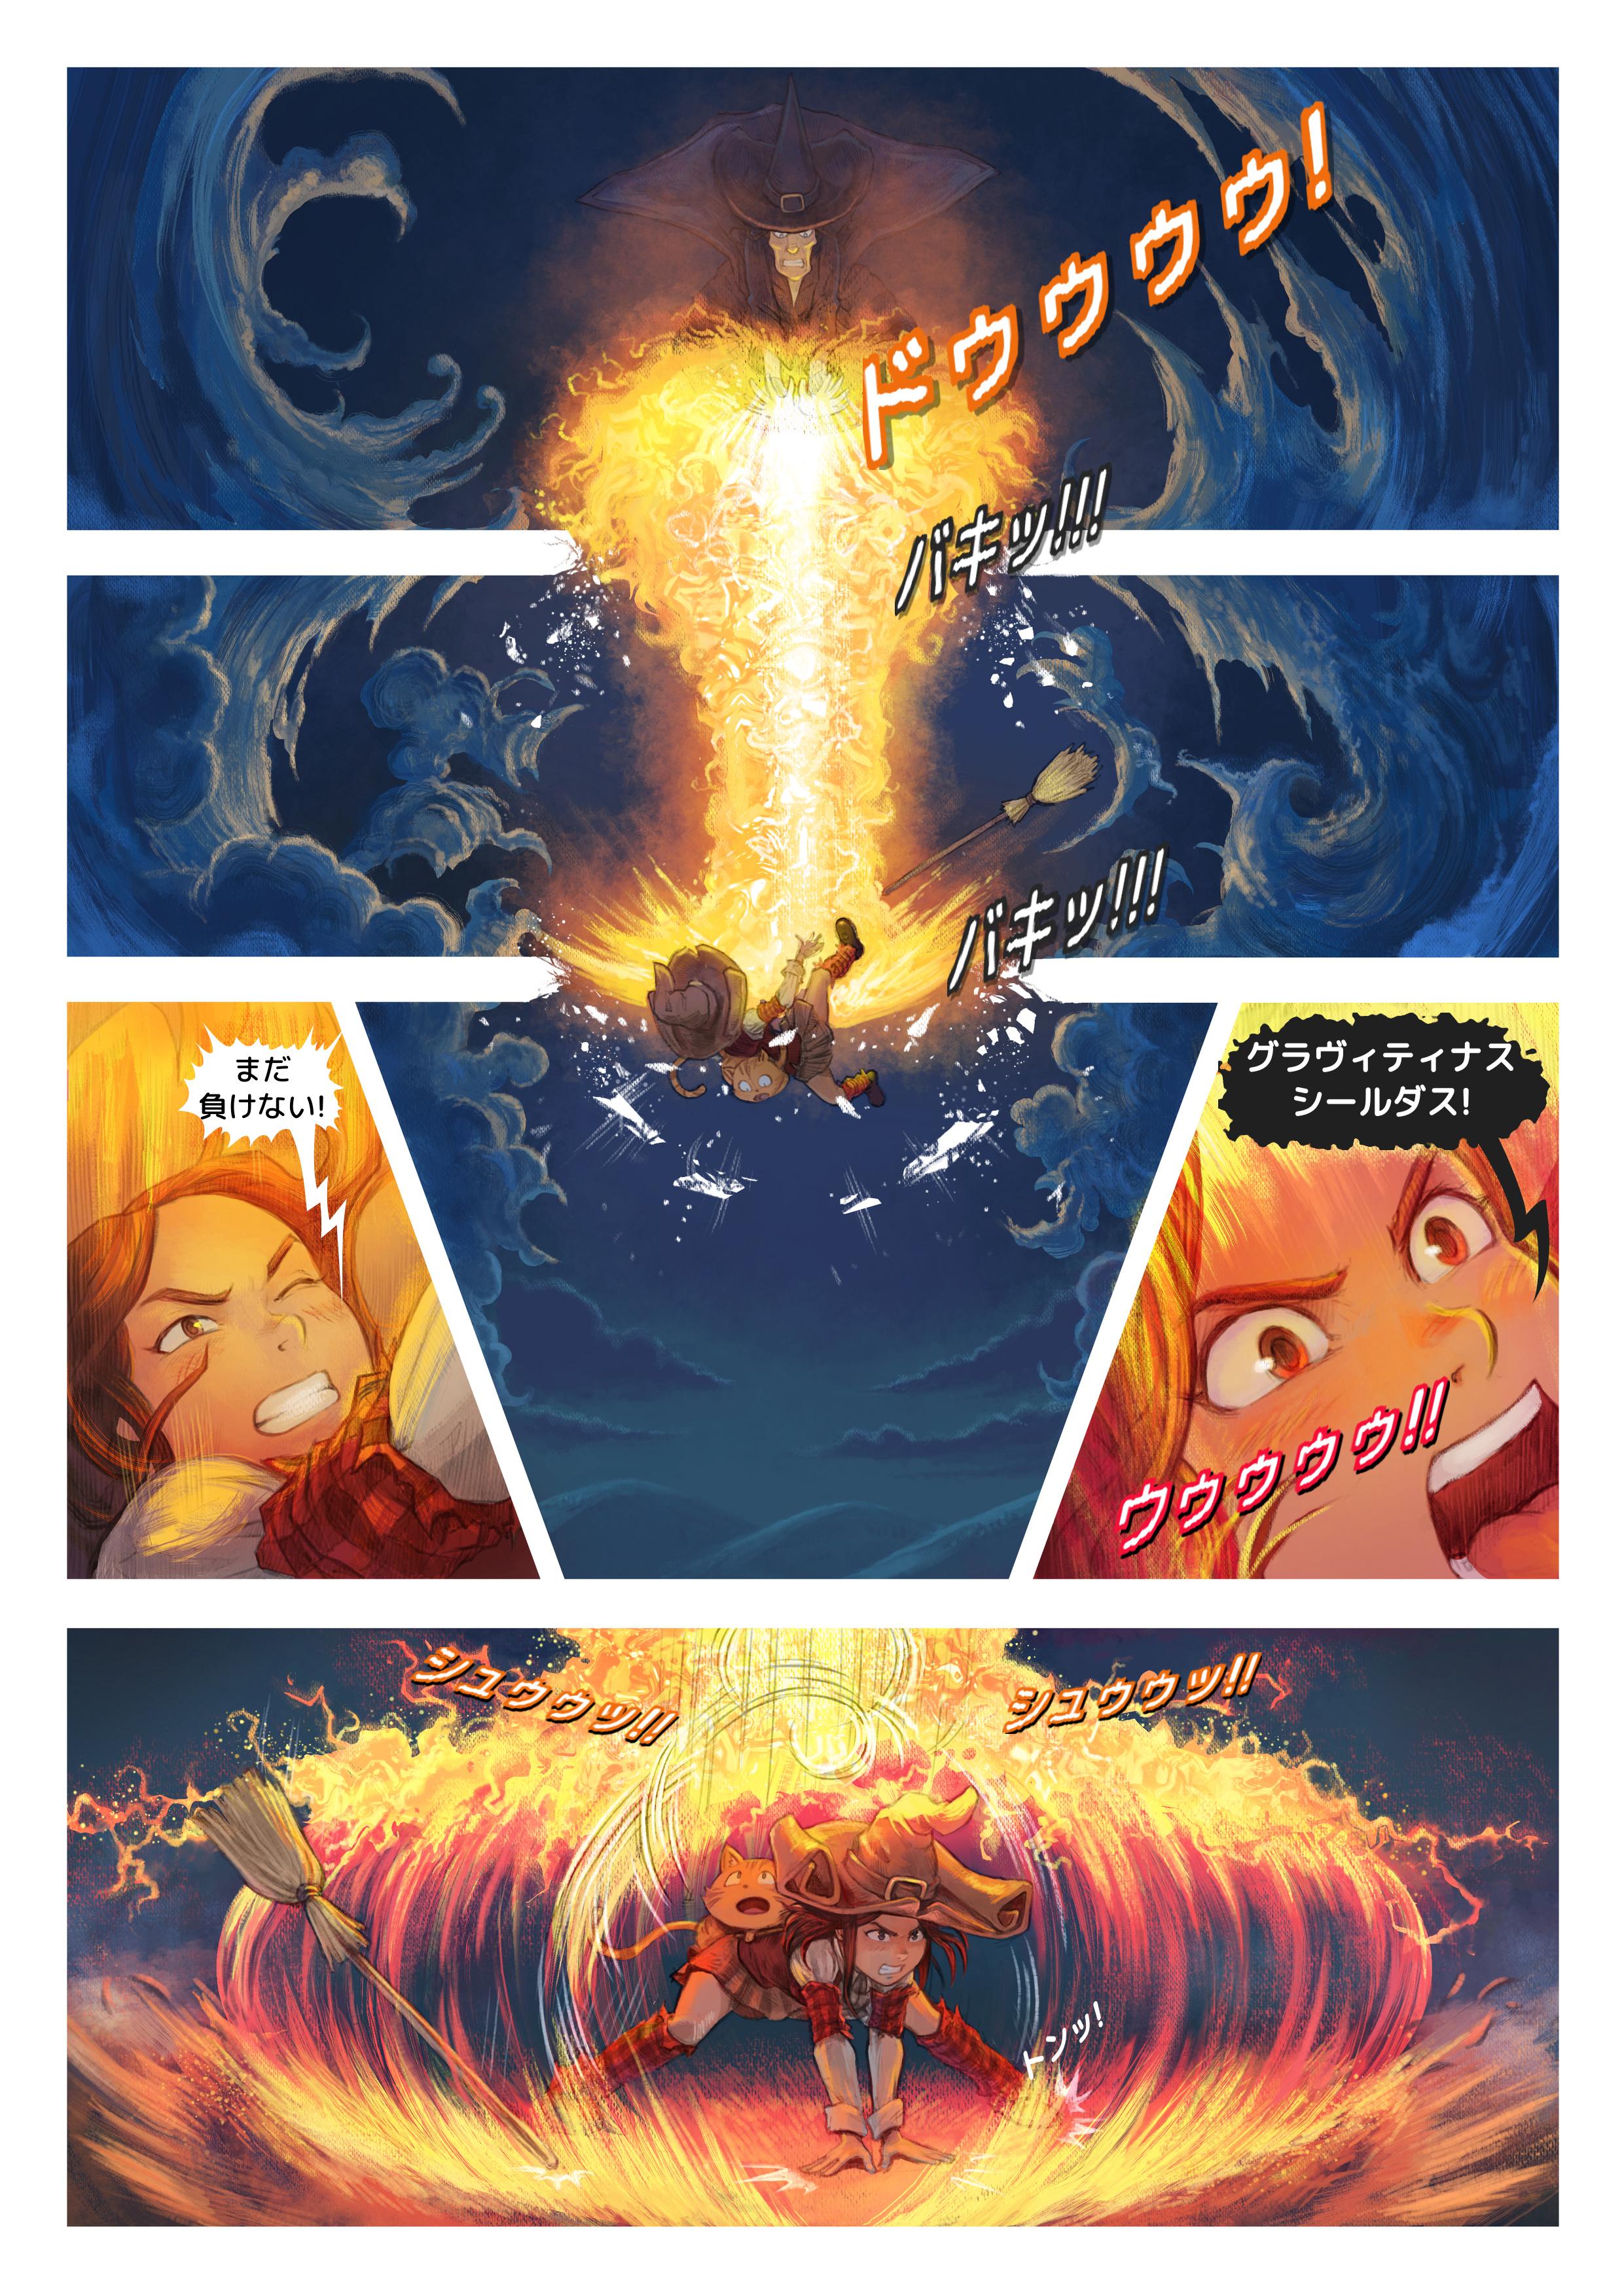 エピソード 31: 決戦, ページ 2